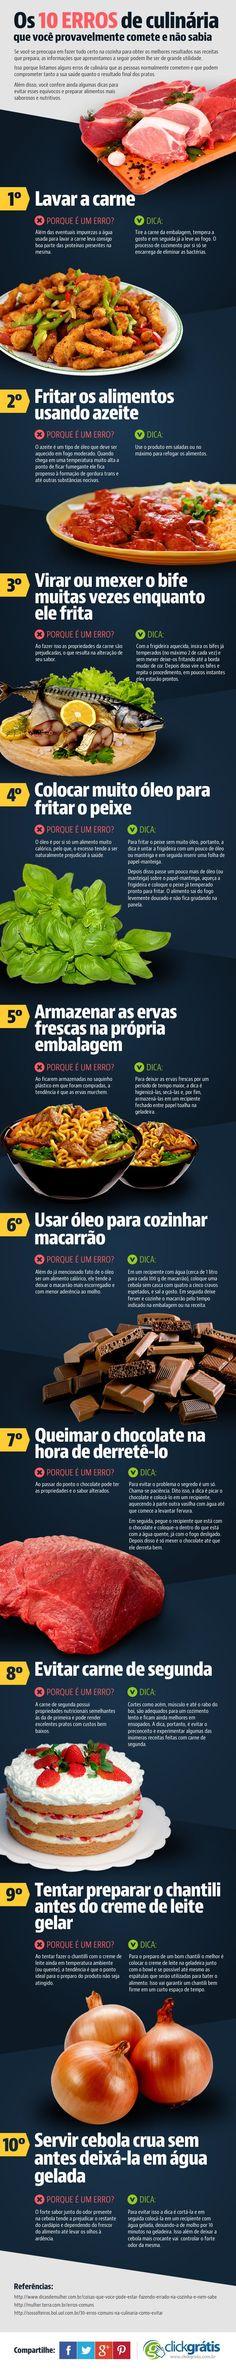 Veja os 10 erros de culinária que você provavelmente comete e não sabia